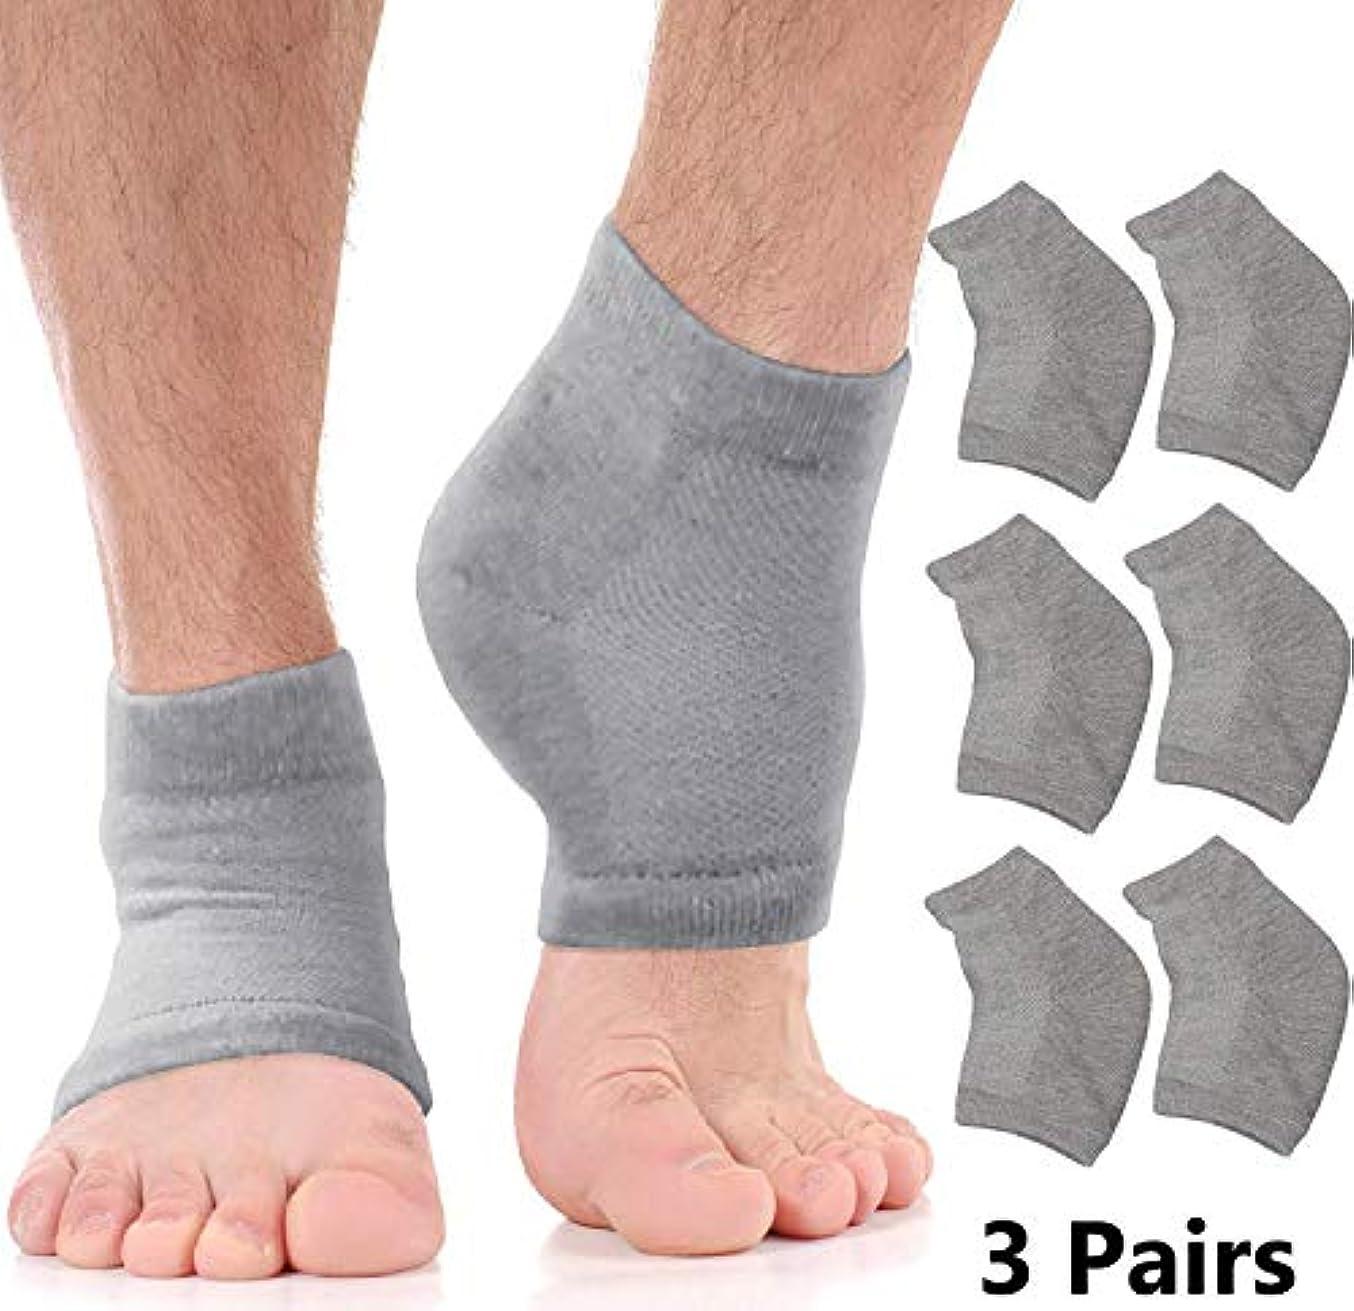 混合した合併症データベースモイスチャライジングソックスクラックトヒールトリートメント-乾燥した足とかかとを素早く扱います。 アロエモイスチャライザーローションを注入したジェルヒールソックスで、ひび割れた足の皮膚の痛みを和らげます。 女性と男性の両方のためのペディキュア (Large - Value Pack 3 Pairs)